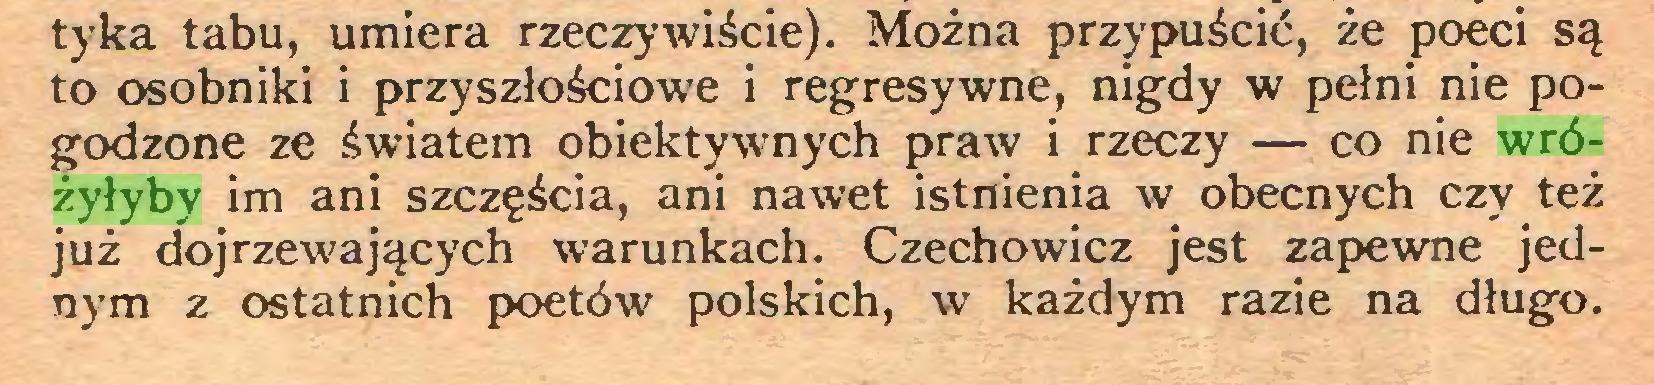 (...) tyka tabu, umiera rzeczywiście). Można przypuścić, że poeci są to osobniki i przyszłościowa i regresywne, nigdy w pełni nie pogodzone ze światem obiektywnych praw i rzeczy — co nie wróżyłyby im ani szczęścia, ani nawet istnienia w obecnych czy też już dojrzewających warunkach. Czechowicz jest zapewne jednym z ostatnich poetów polskich, w każdym razie na długo...